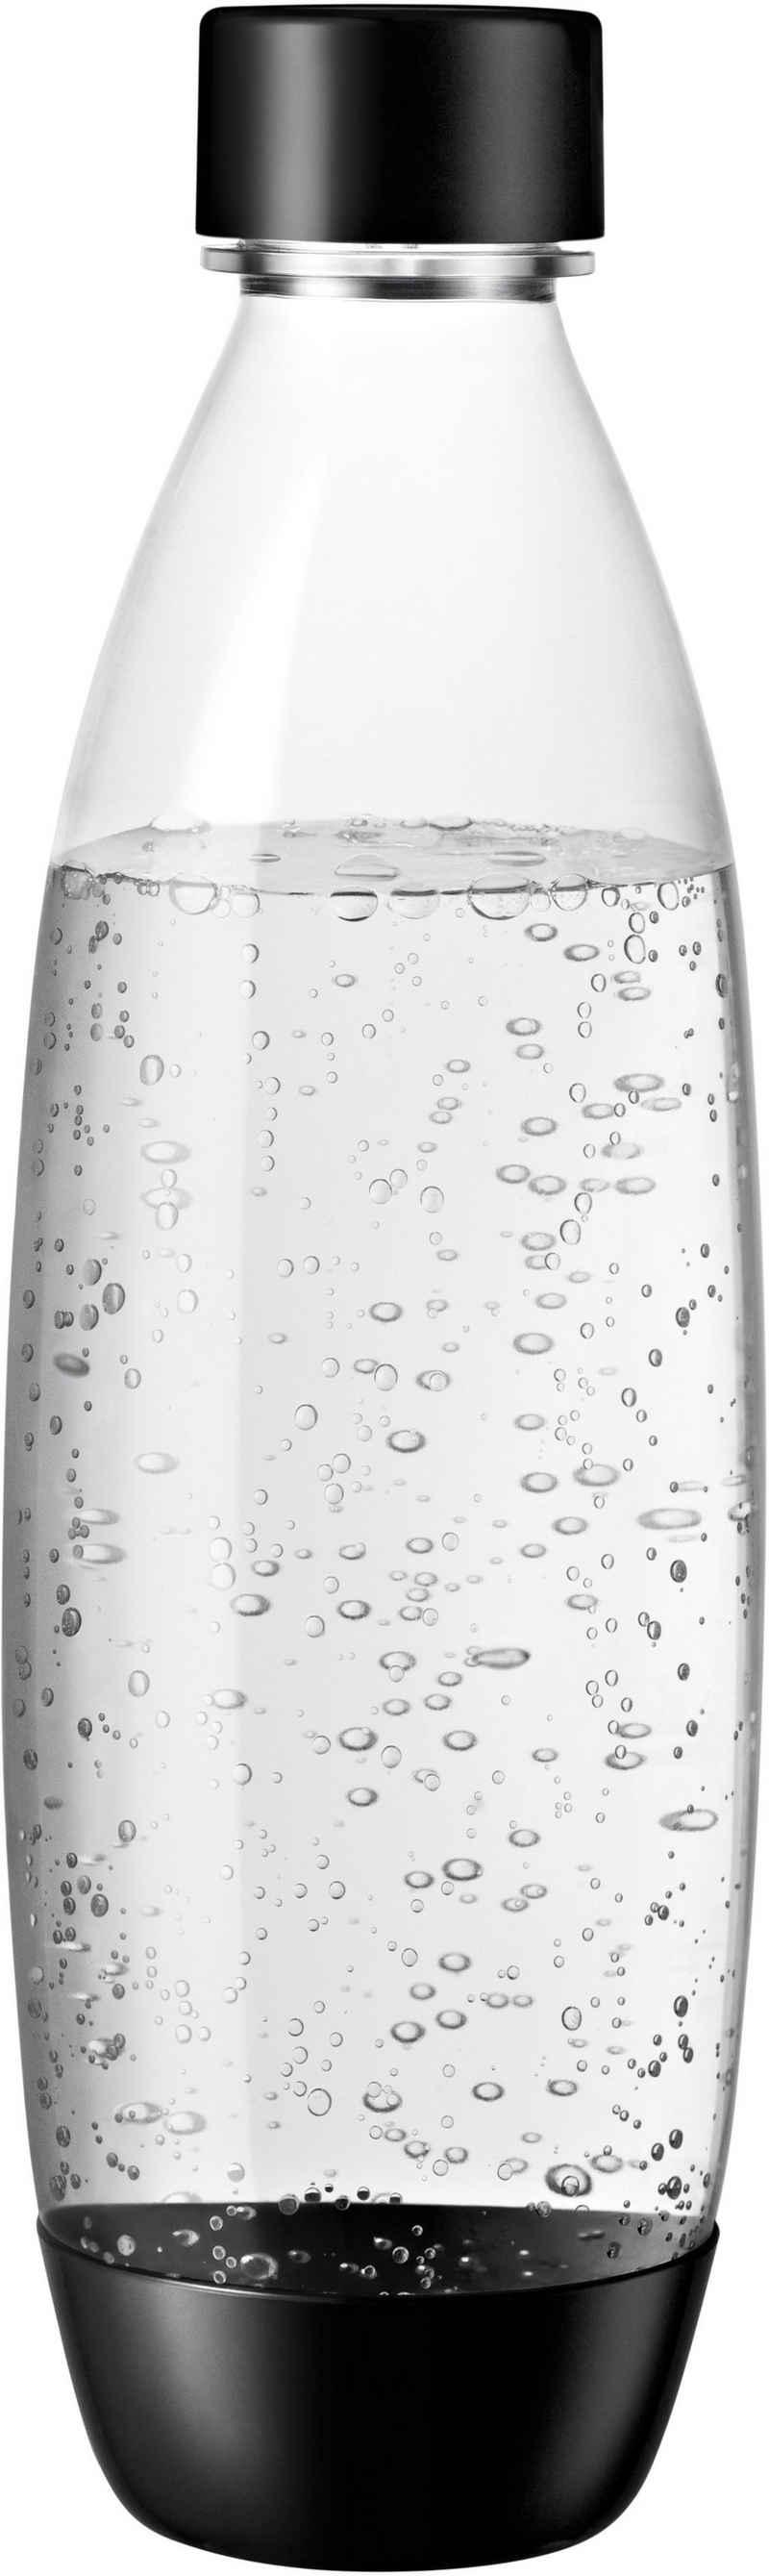 SodaStream Wassersprudler Flasche »DuoPack Fuse«, (Set, 2-tlg), Kunststoff, Ersatzflaschen für SodaStream Wassersprudler mit PET-Flaschen